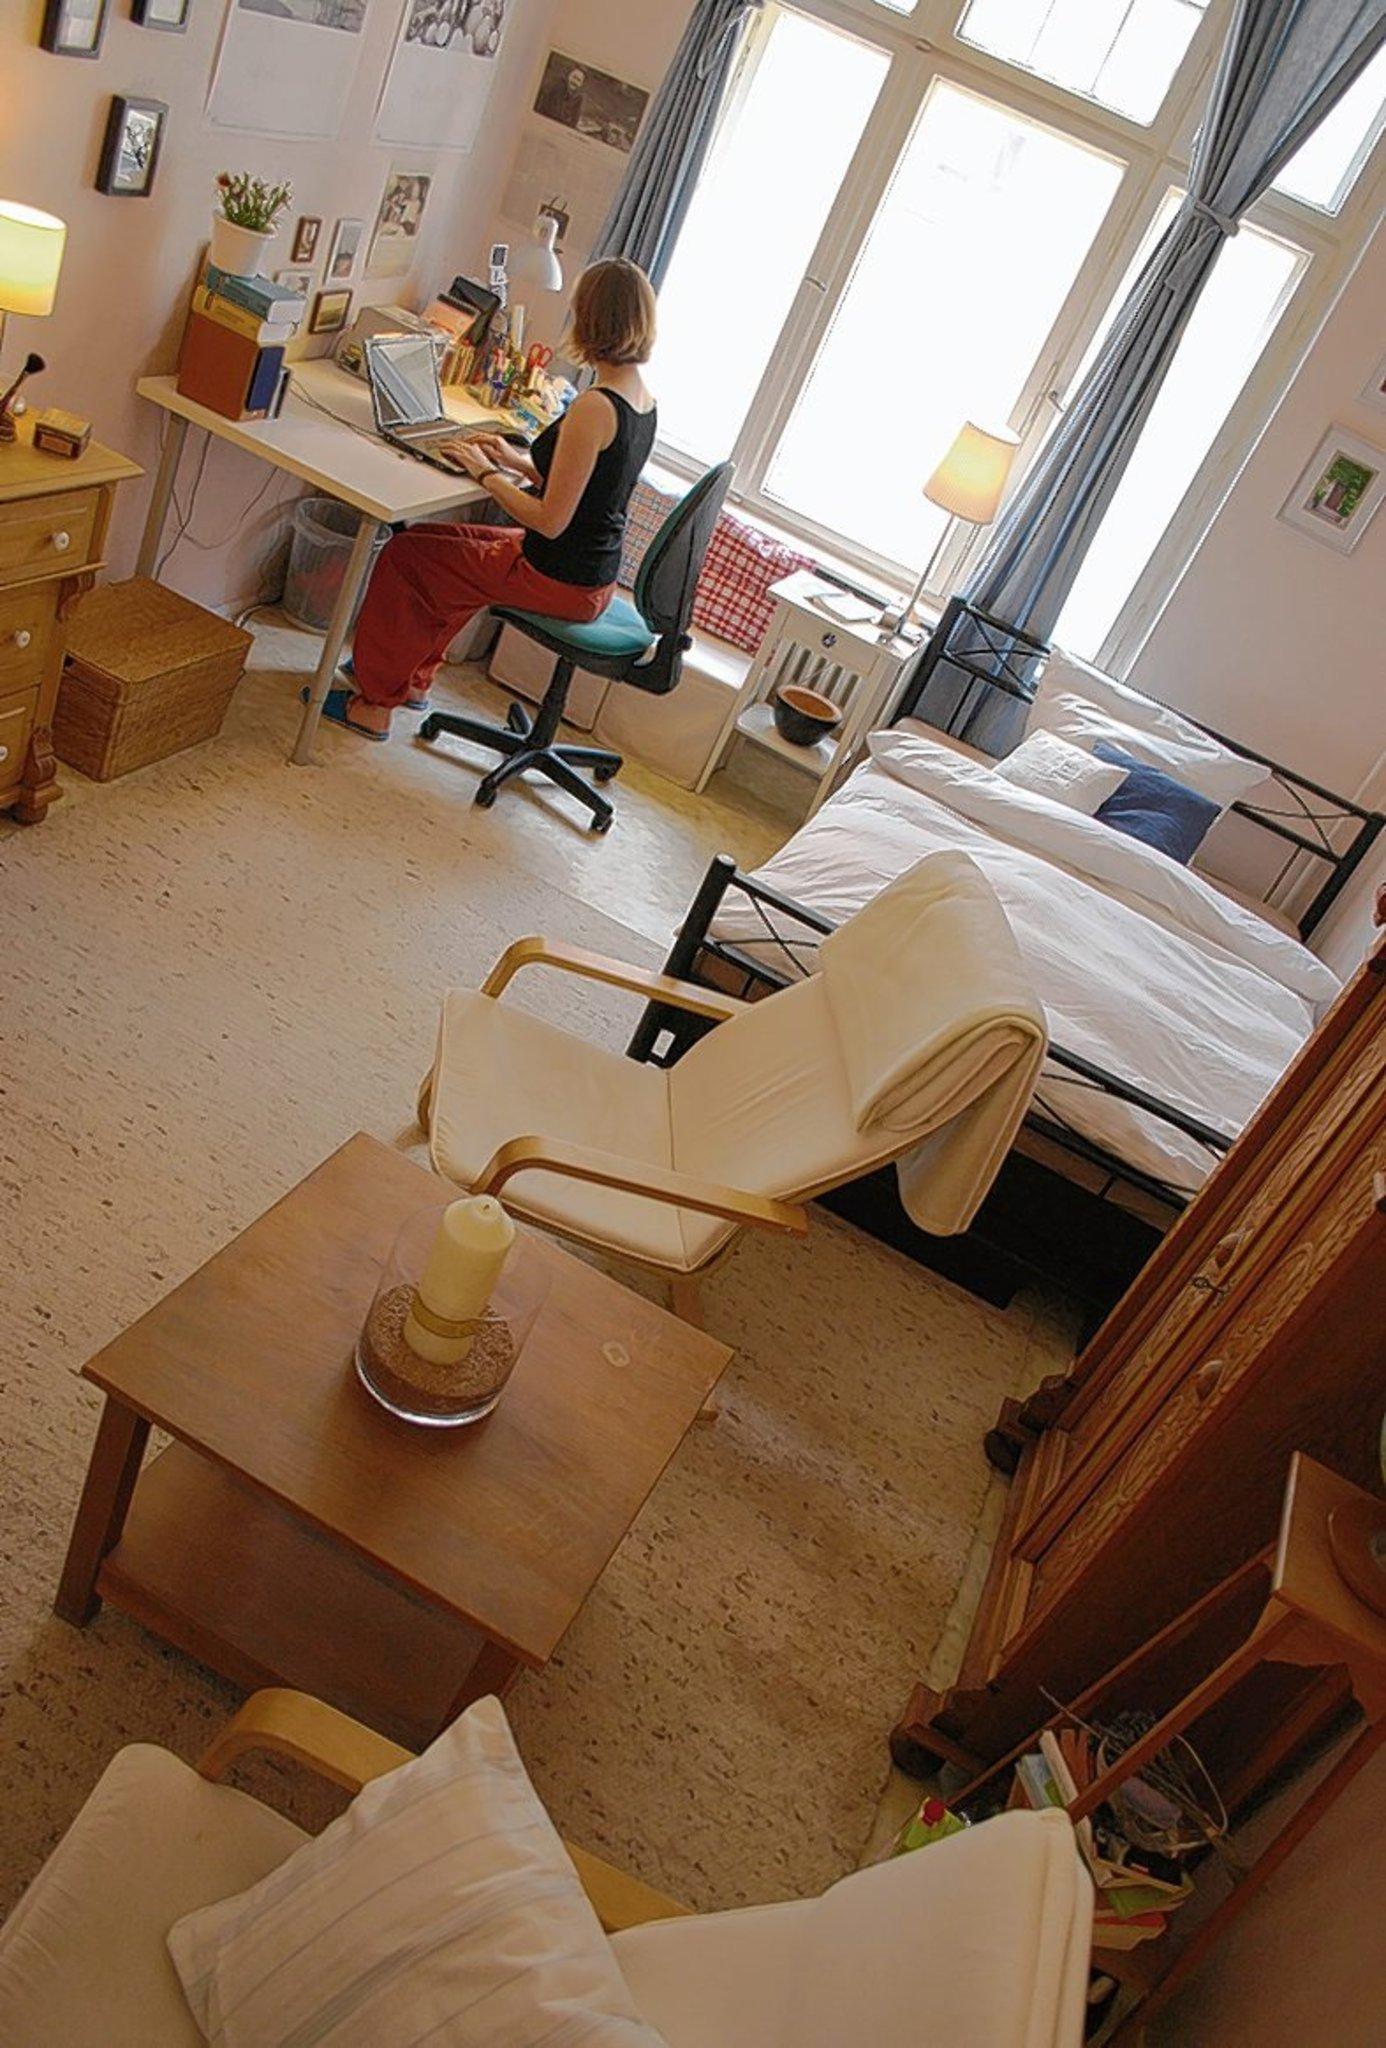 Ein Bett, Ein Tisch, Ein Schrank Und Stühle: In Einem WG Zimmer